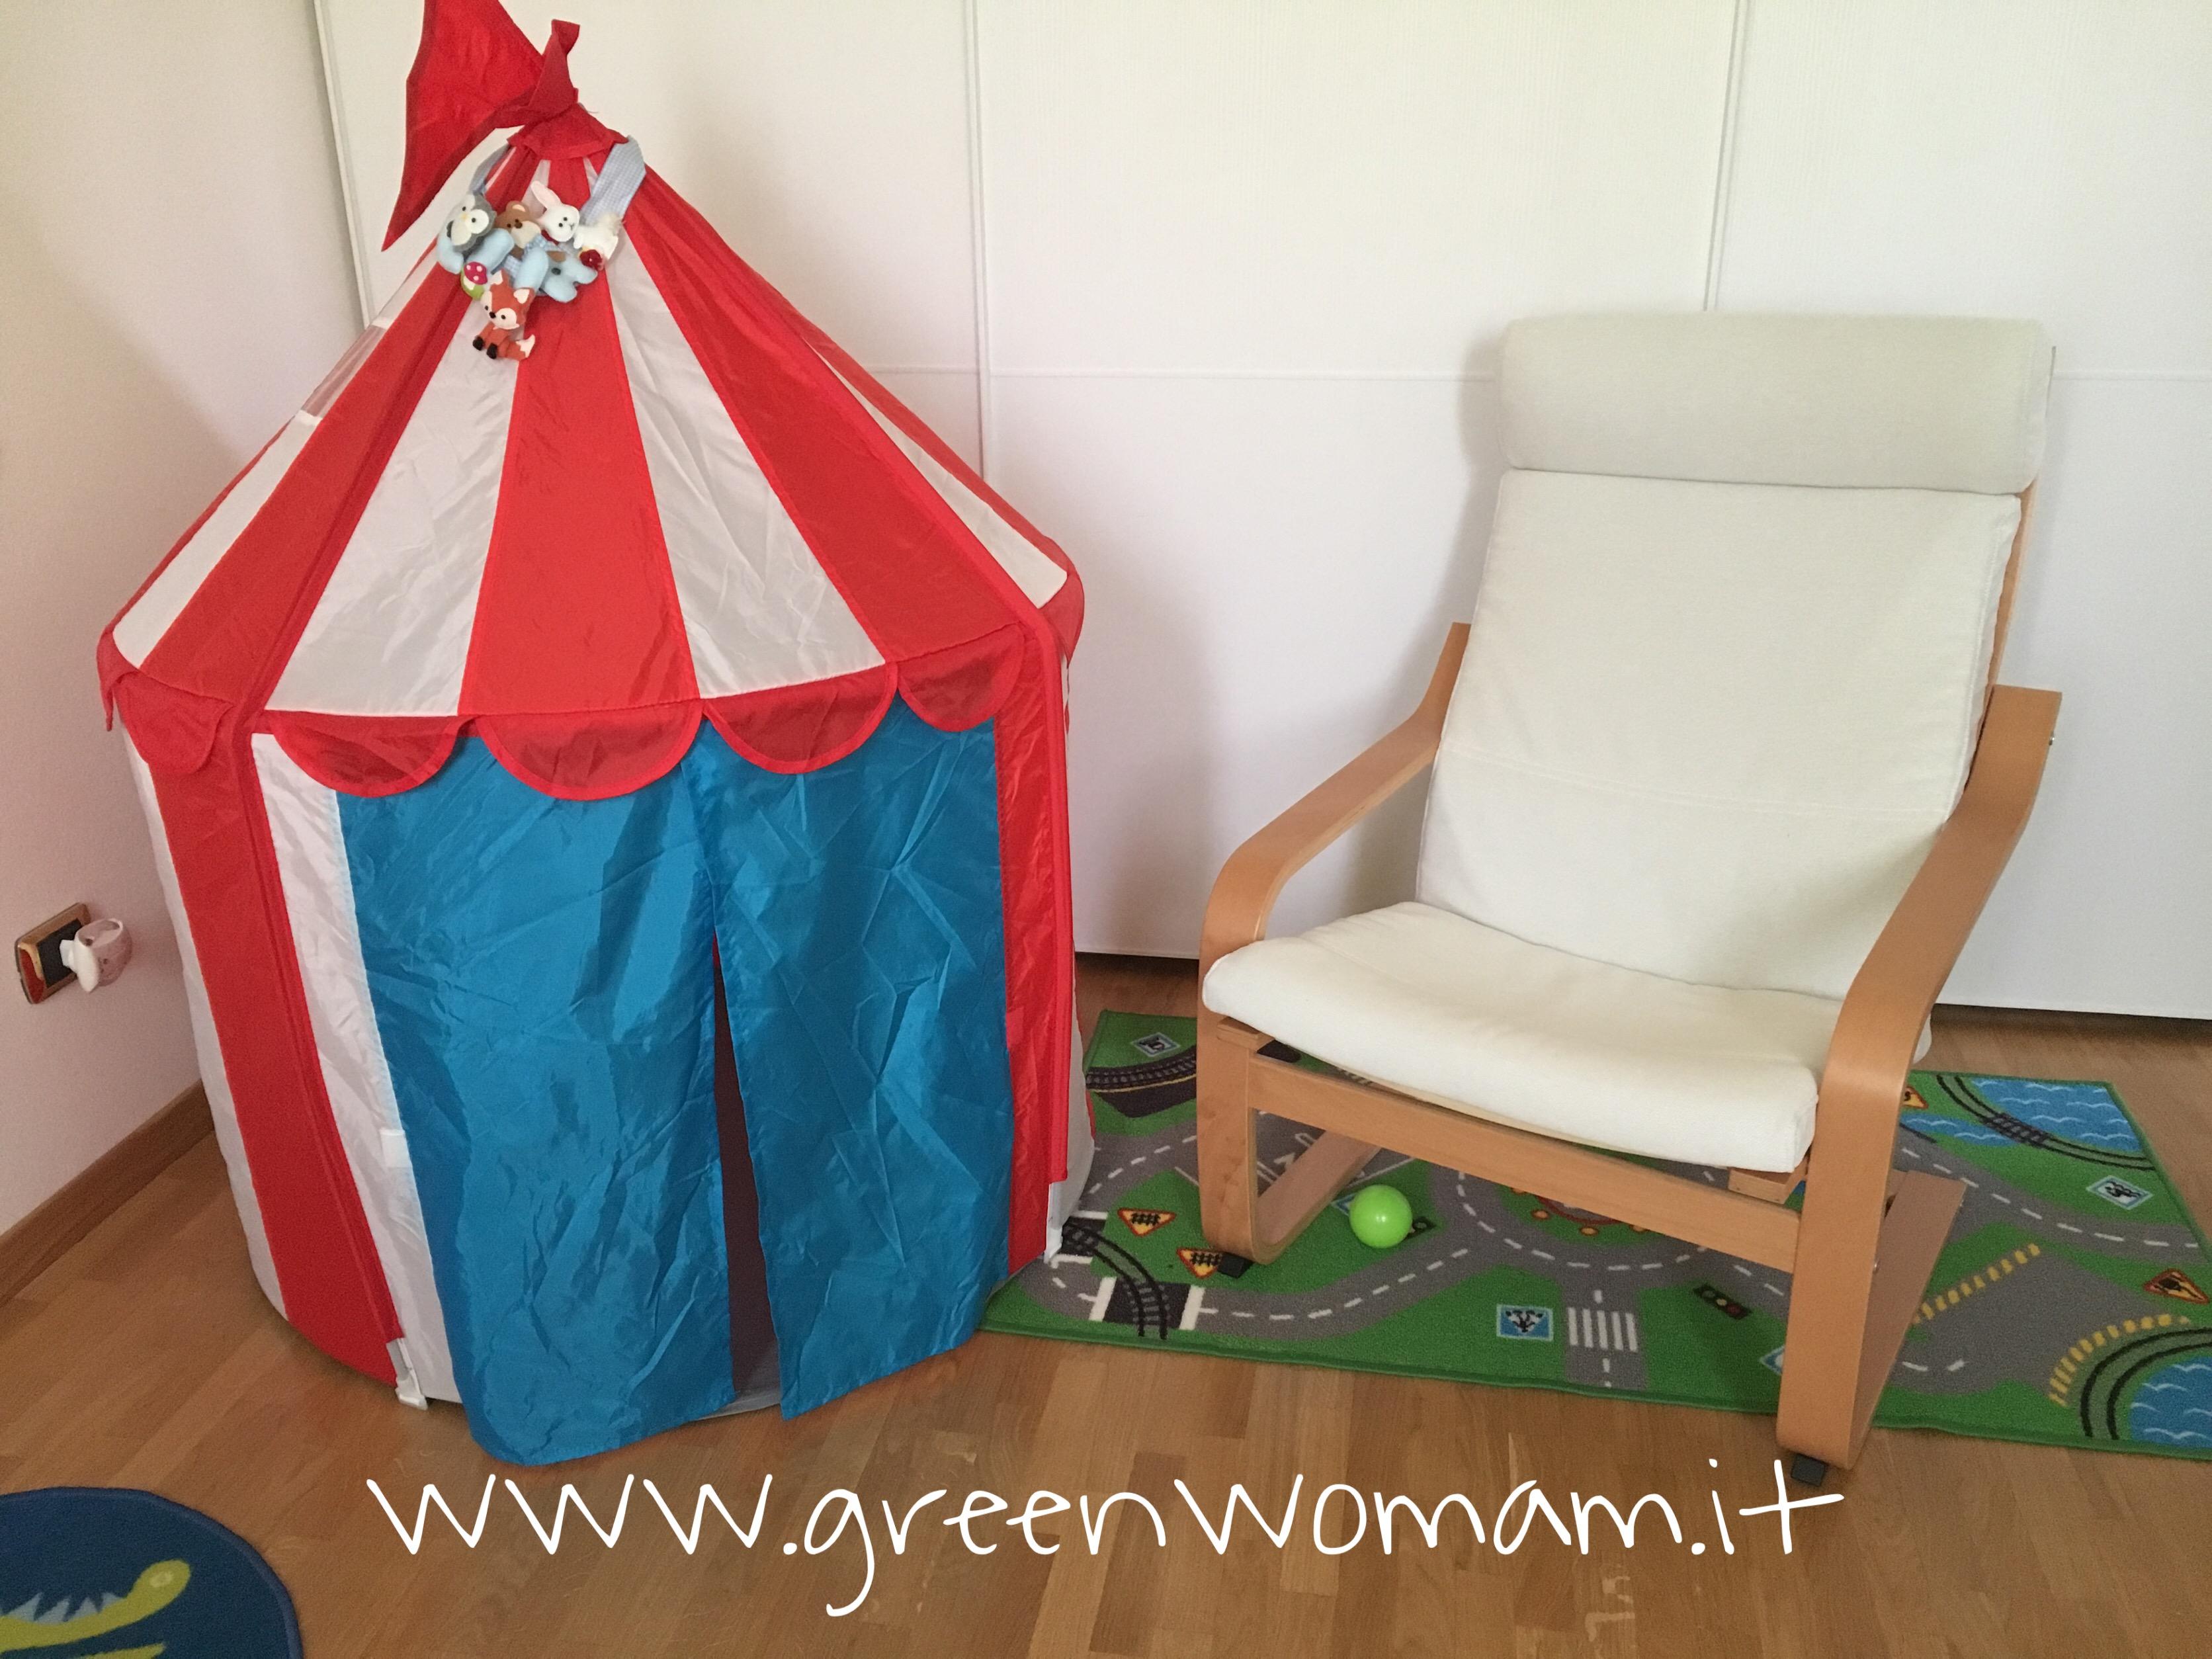 Lettino montessori ikea lettino montessori vendita on - Ikea letto montessori ...